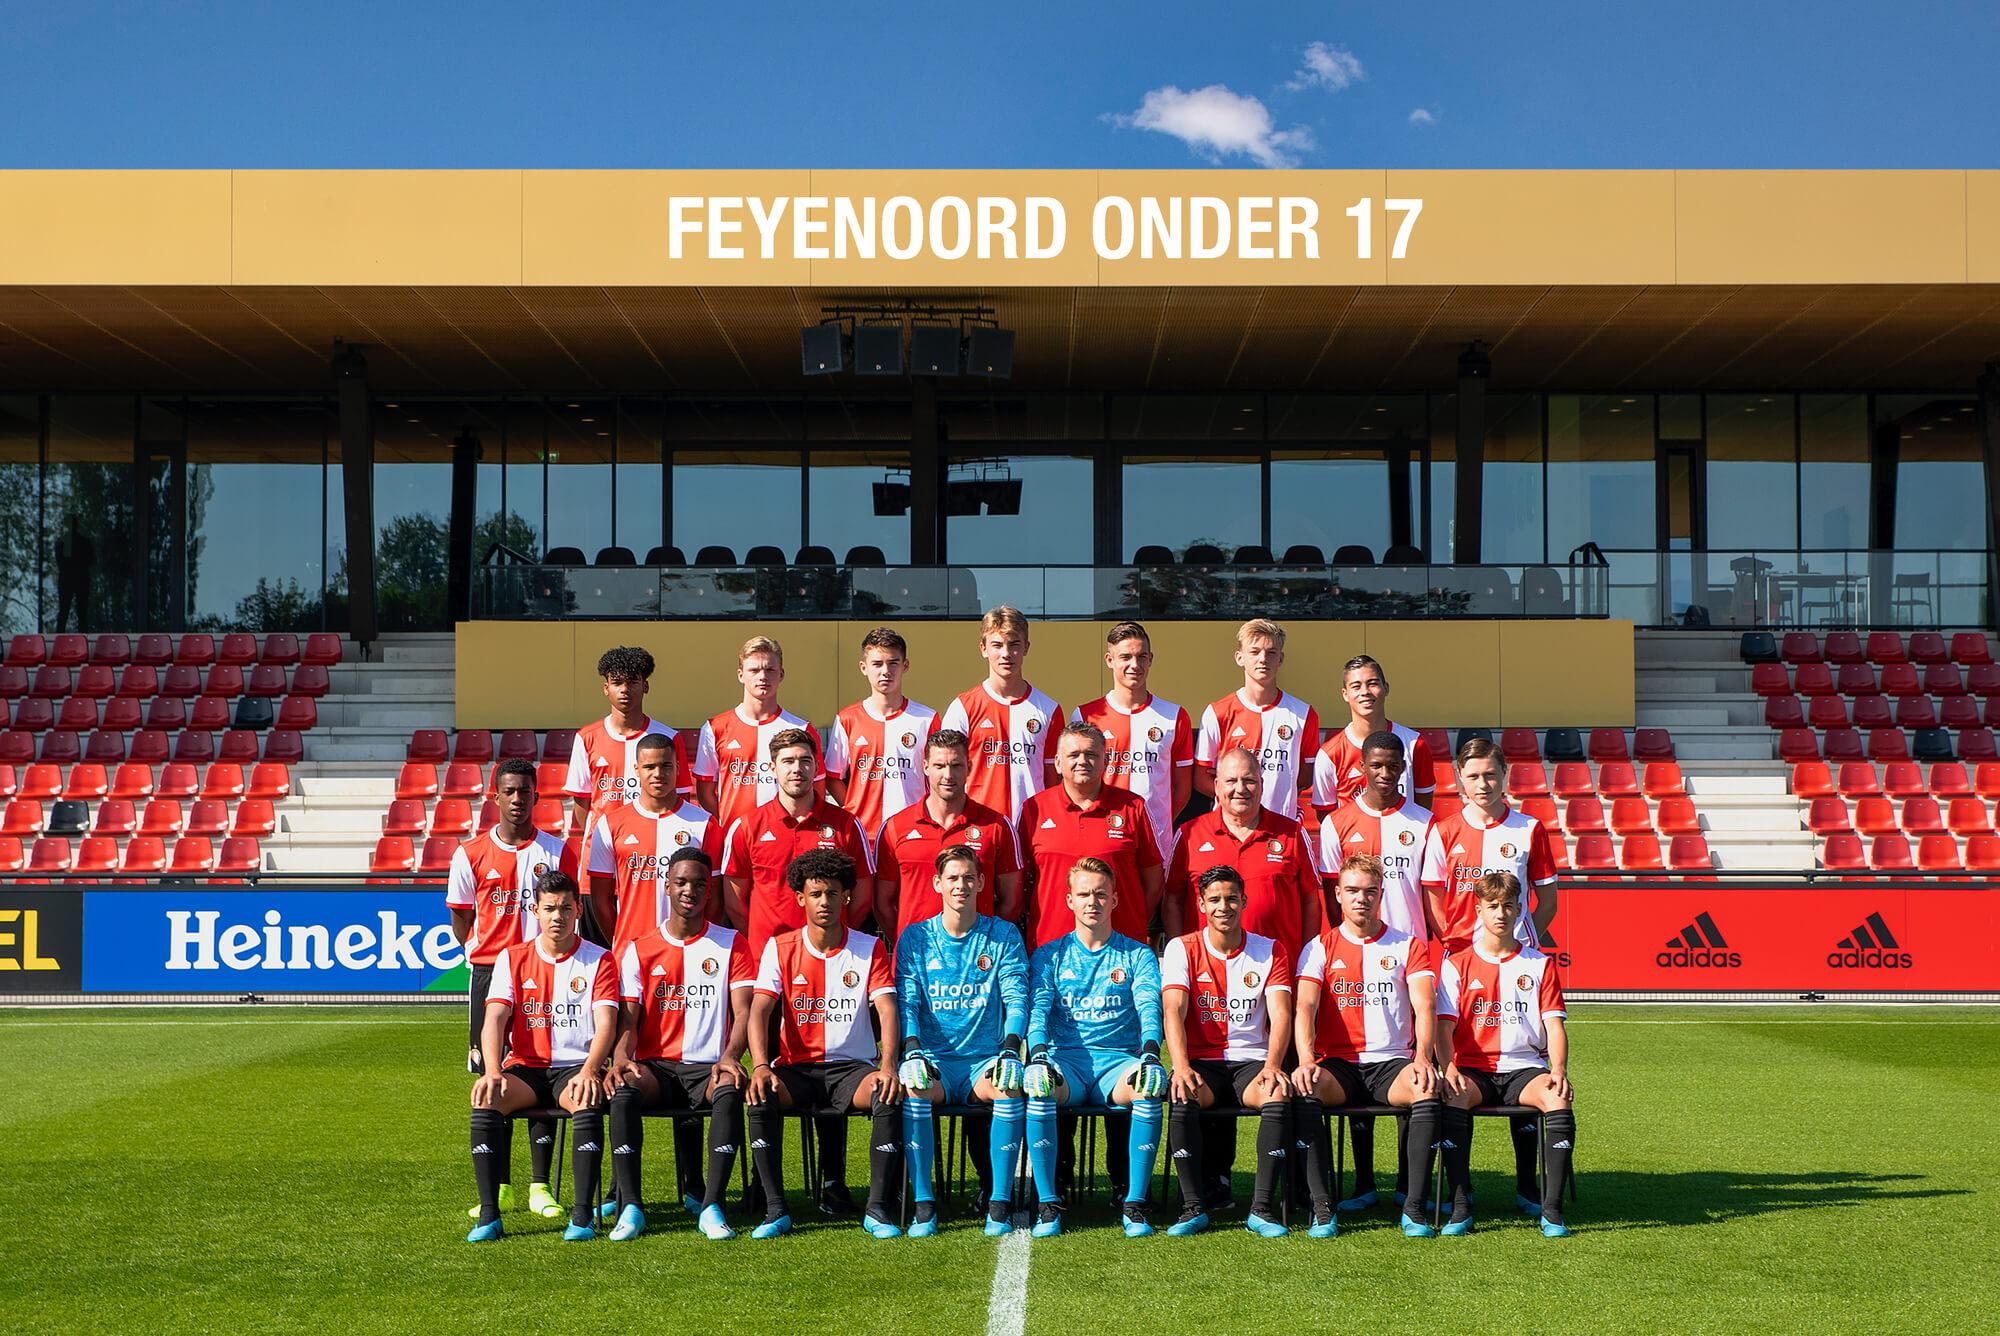 FeyenoordU17